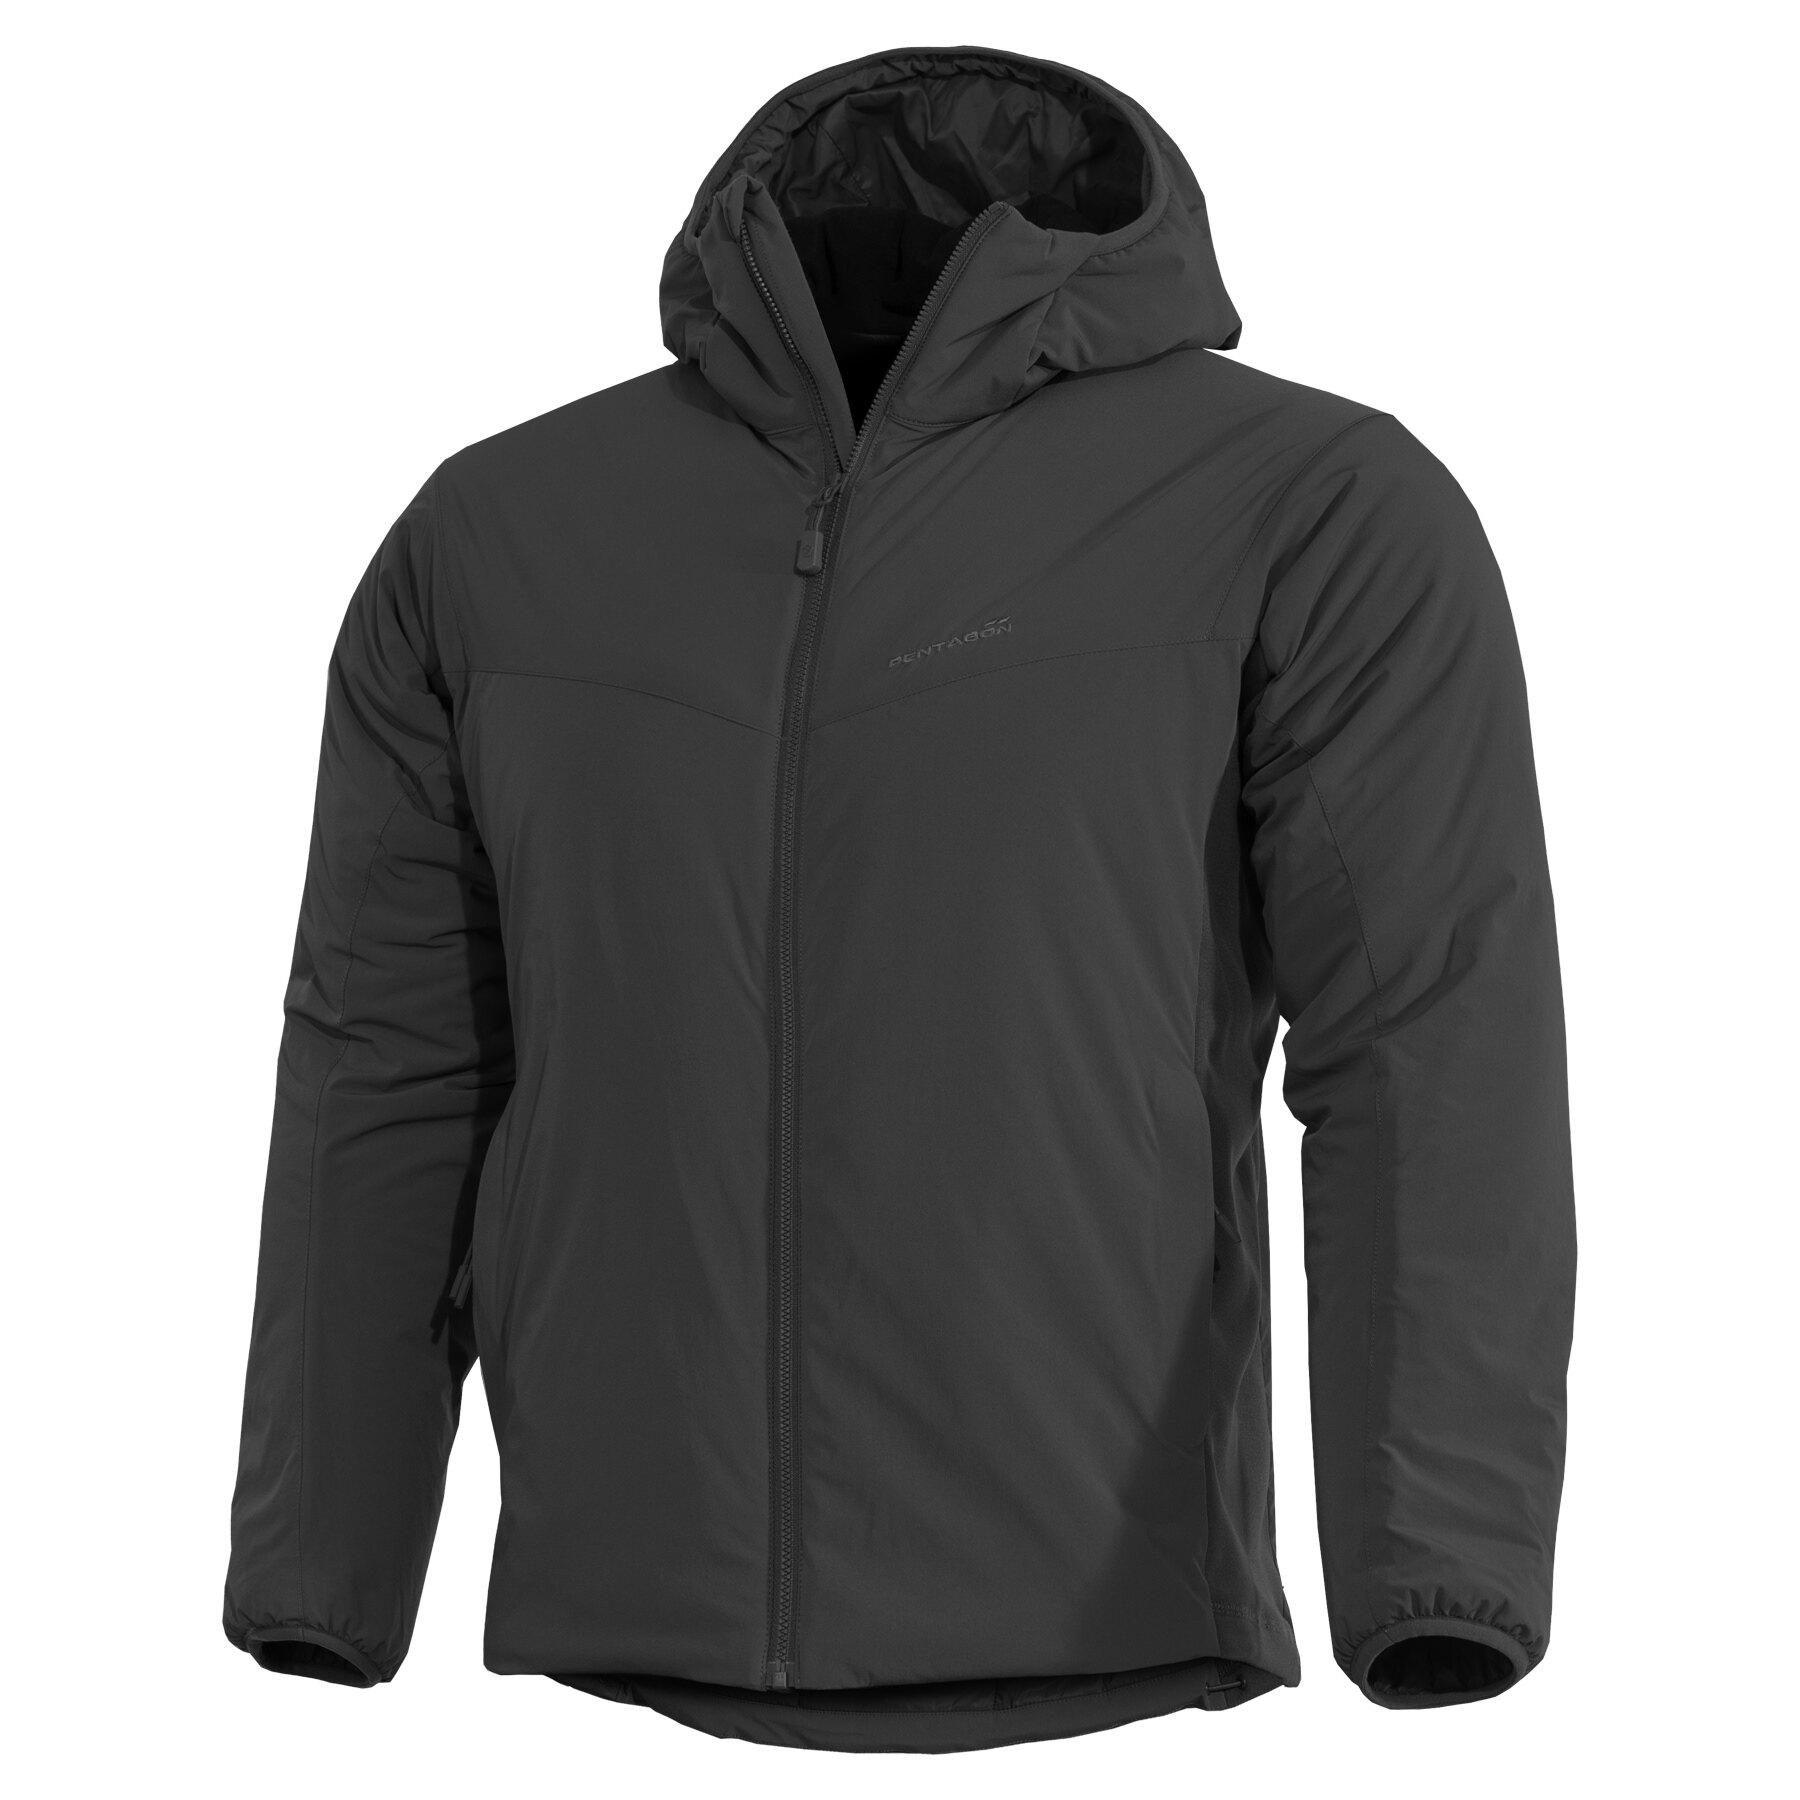 Ľahká zateplená bunda Panthiras Pentagon® – Čierna (Farba: Čierna, Veľkosť: 3XL)